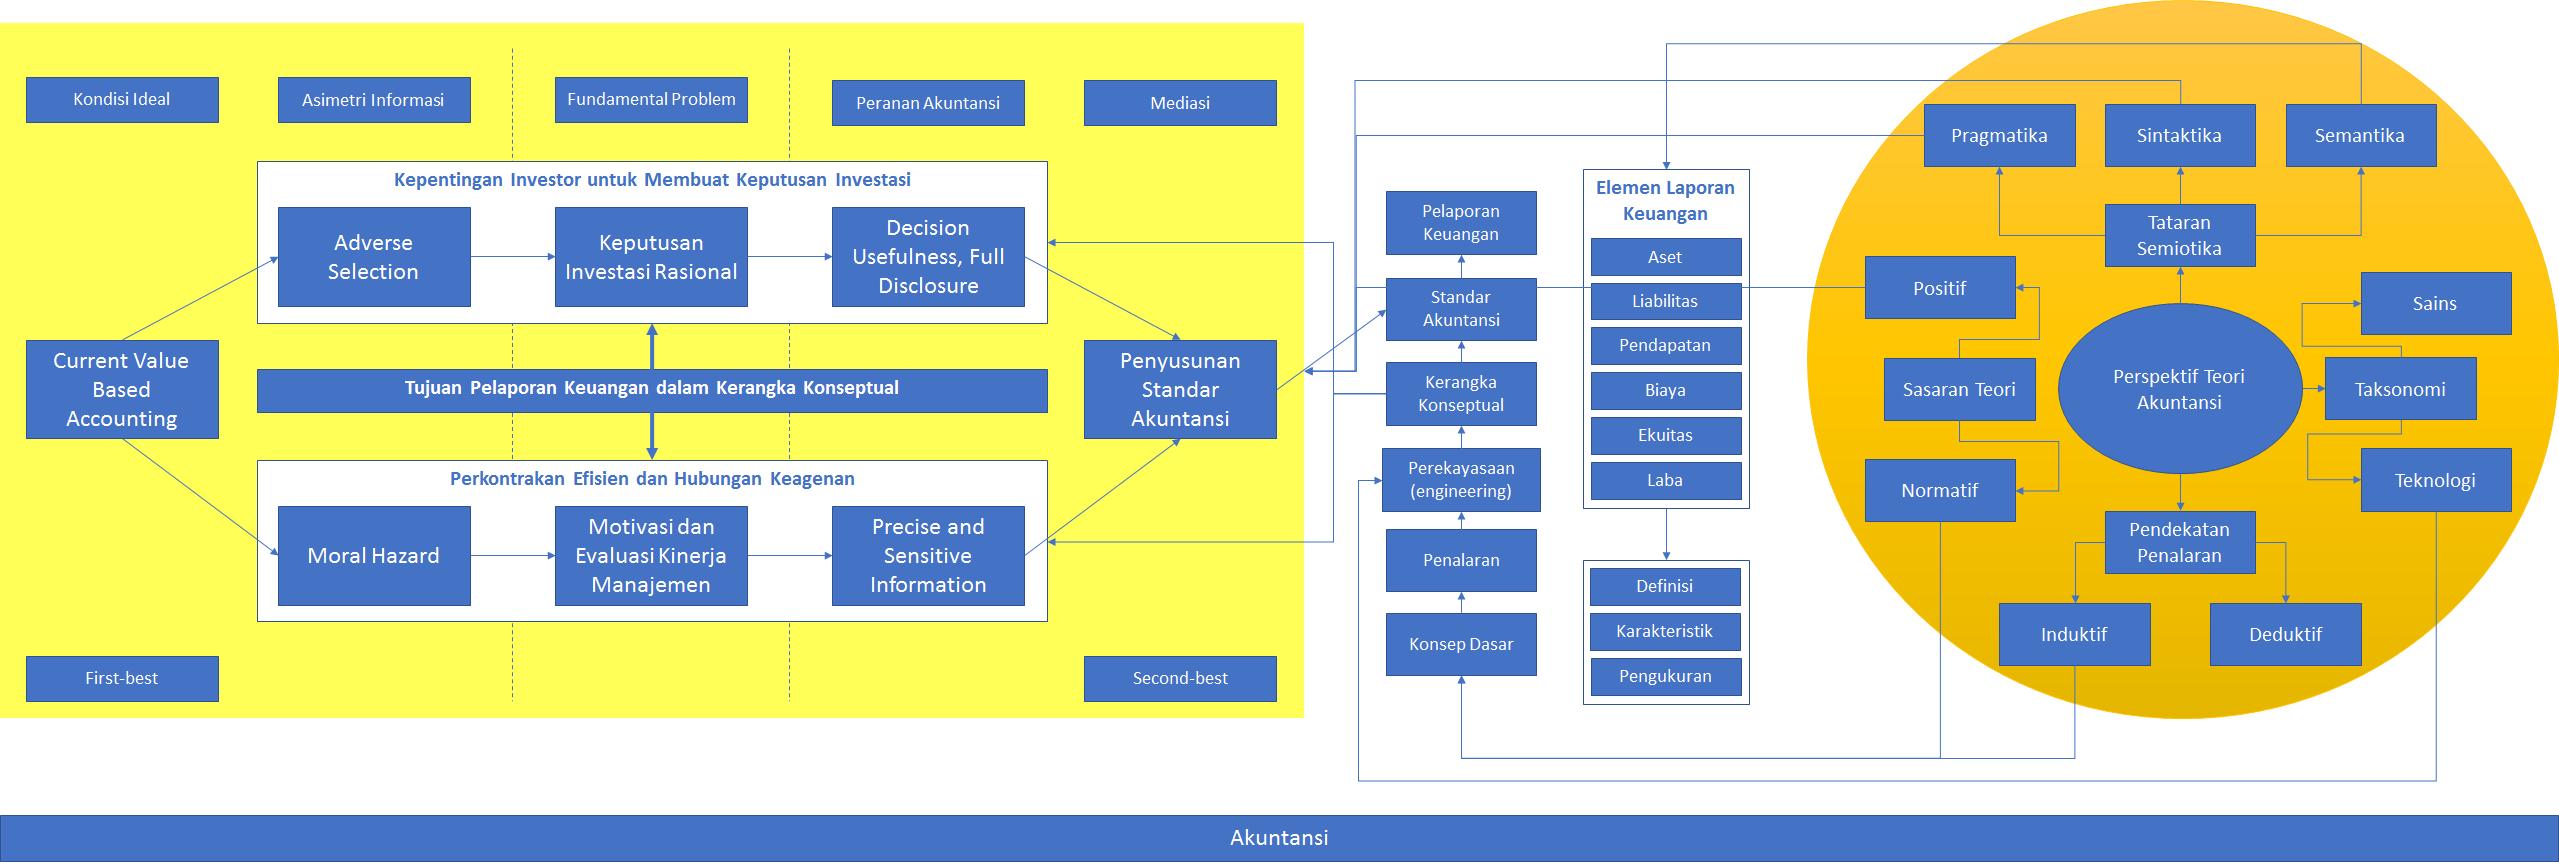 Posts mihok perspektif teori akuntansi ccuart Choice Image